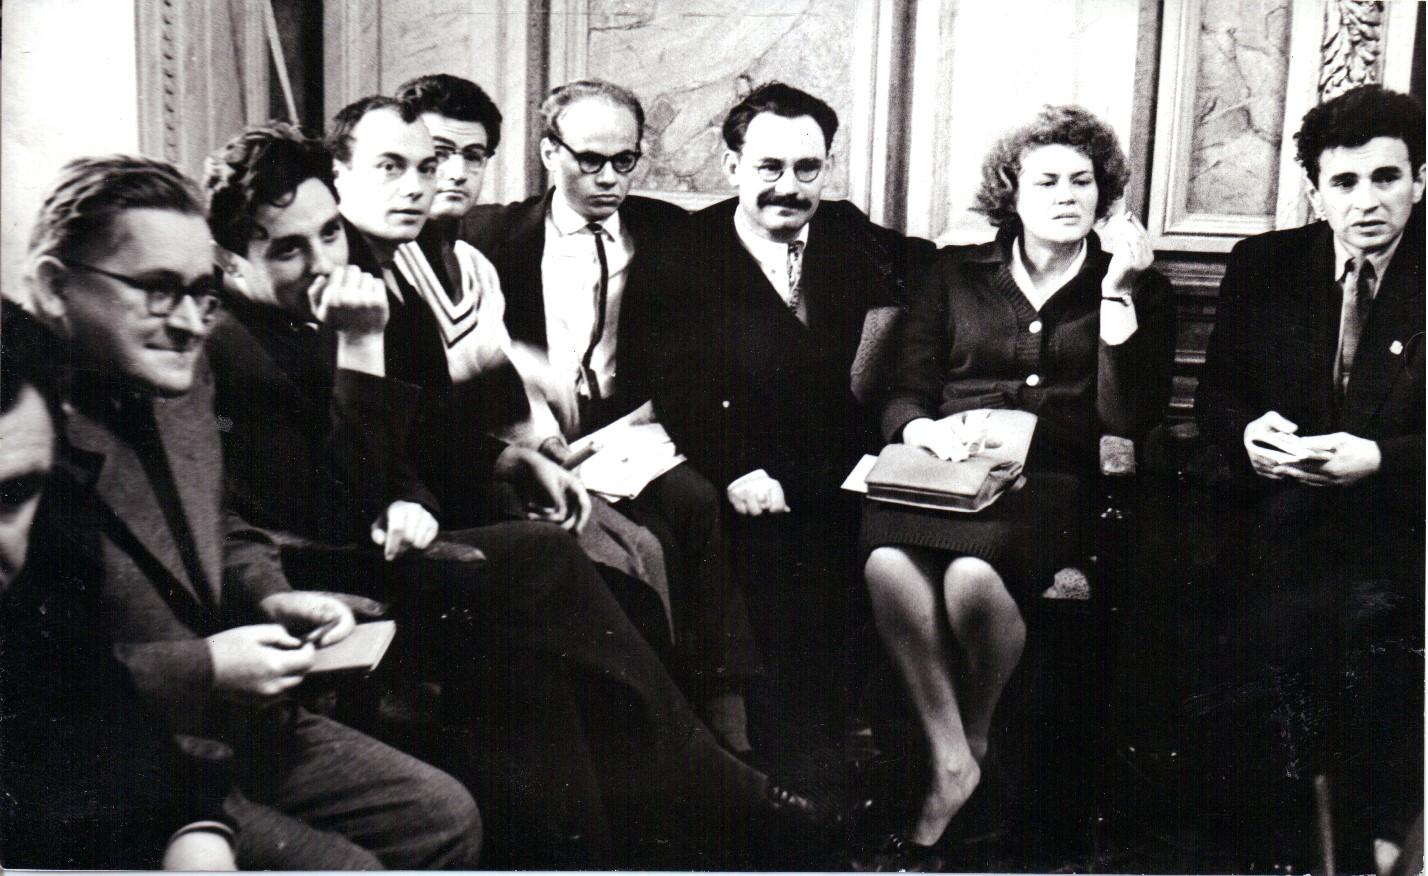 Ivan Dziuba,..., Mykola Vinhranovsky,..., Ivan Drach, Ivan Svitlychny, Lina Kostenko, Yevhen Sverstiuk at the Ukrainian Writers Union, 1960s.